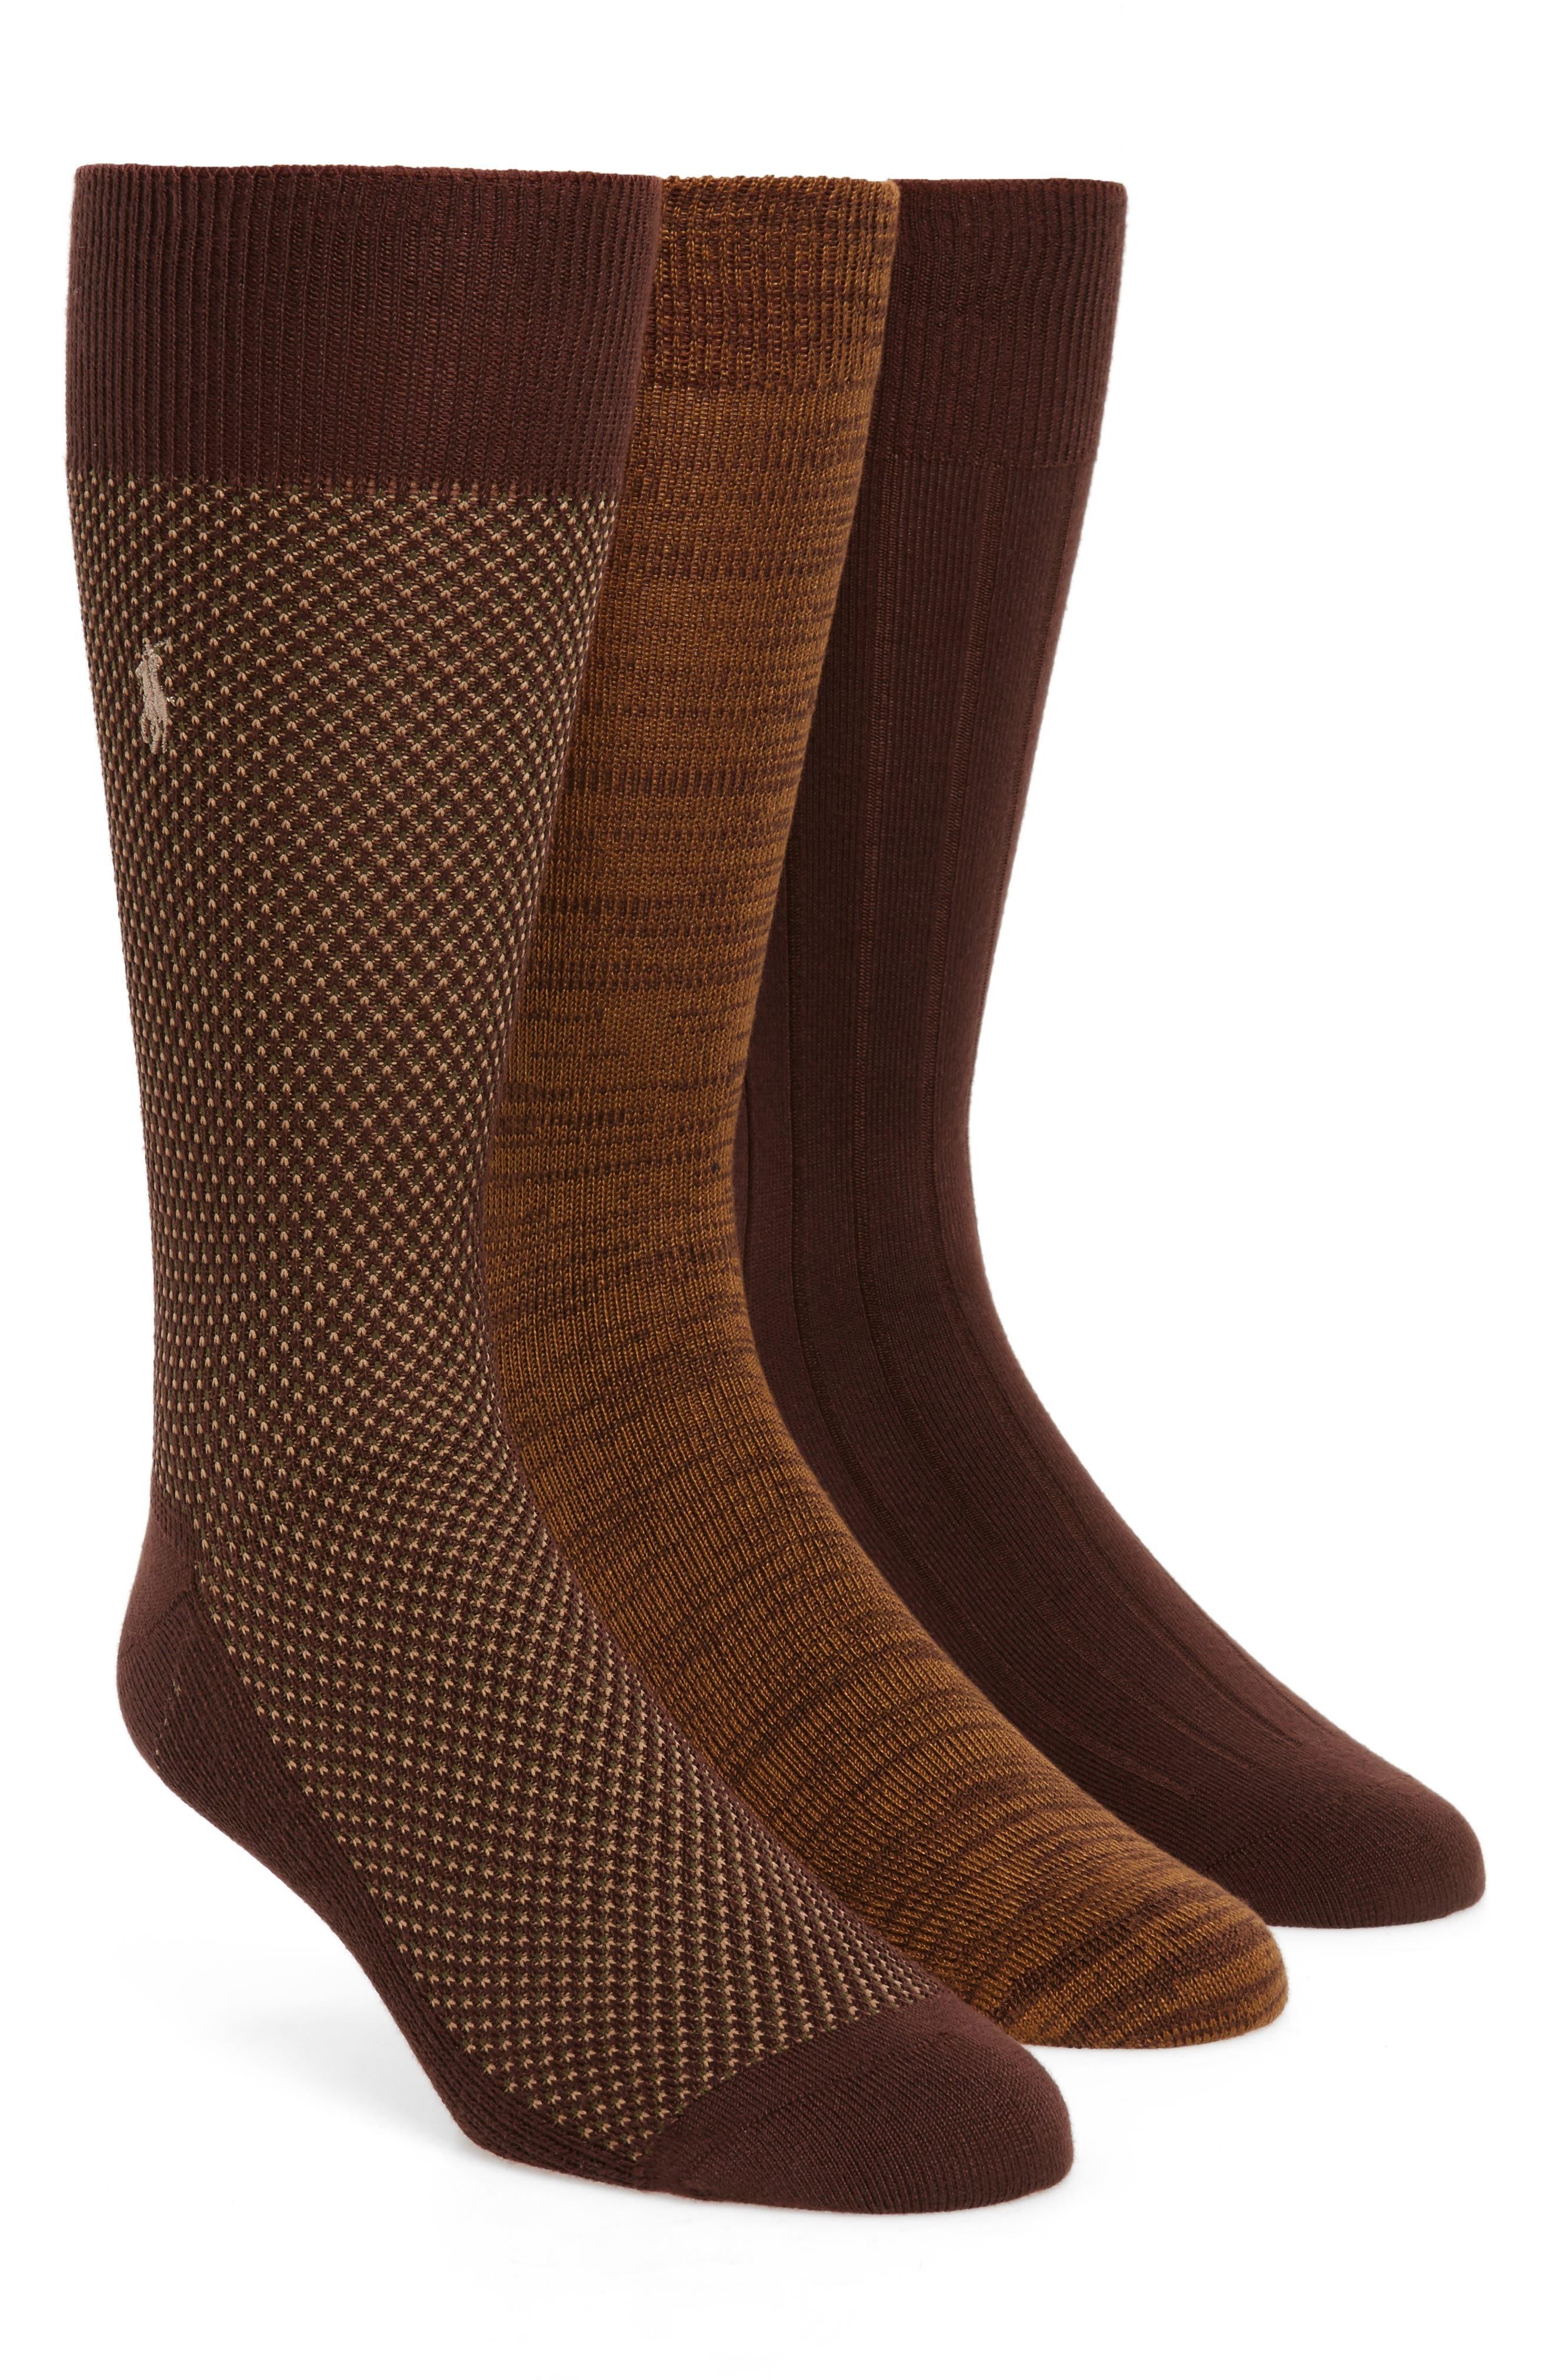 Polo Ralph Lauren Supersoft Bird's Eye Assorted 3-Pack Socks